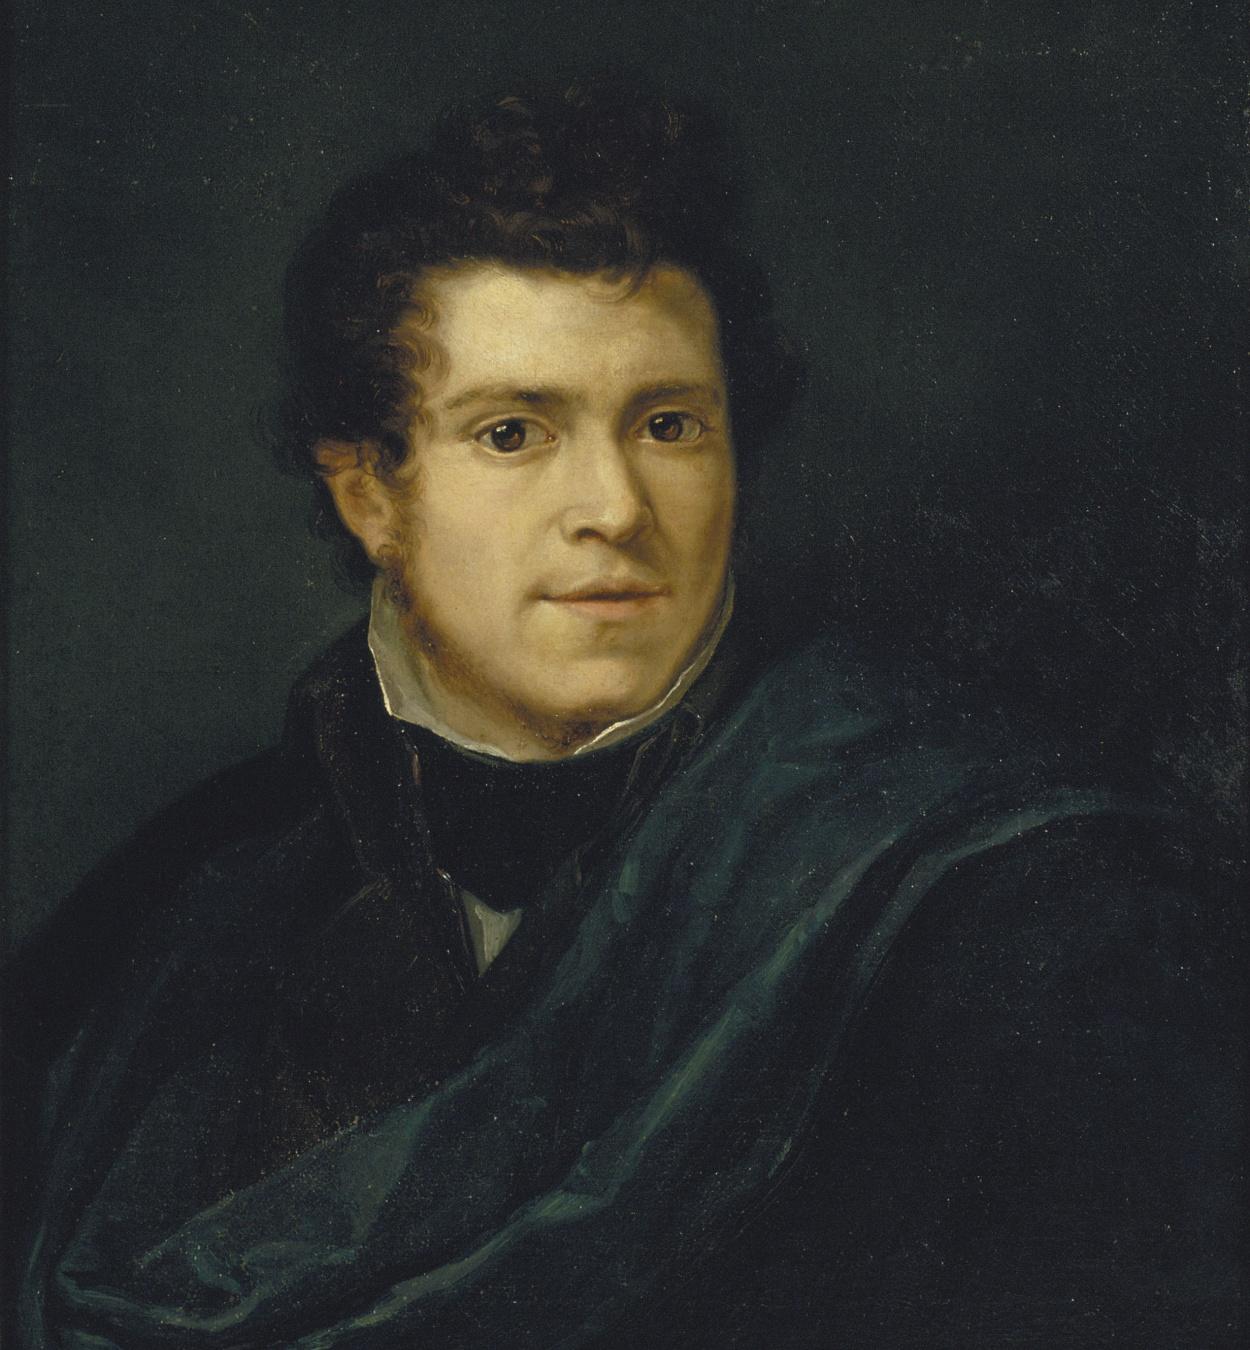 Pelegrí Clavé - Autoretrat - Cap a 1833-1834